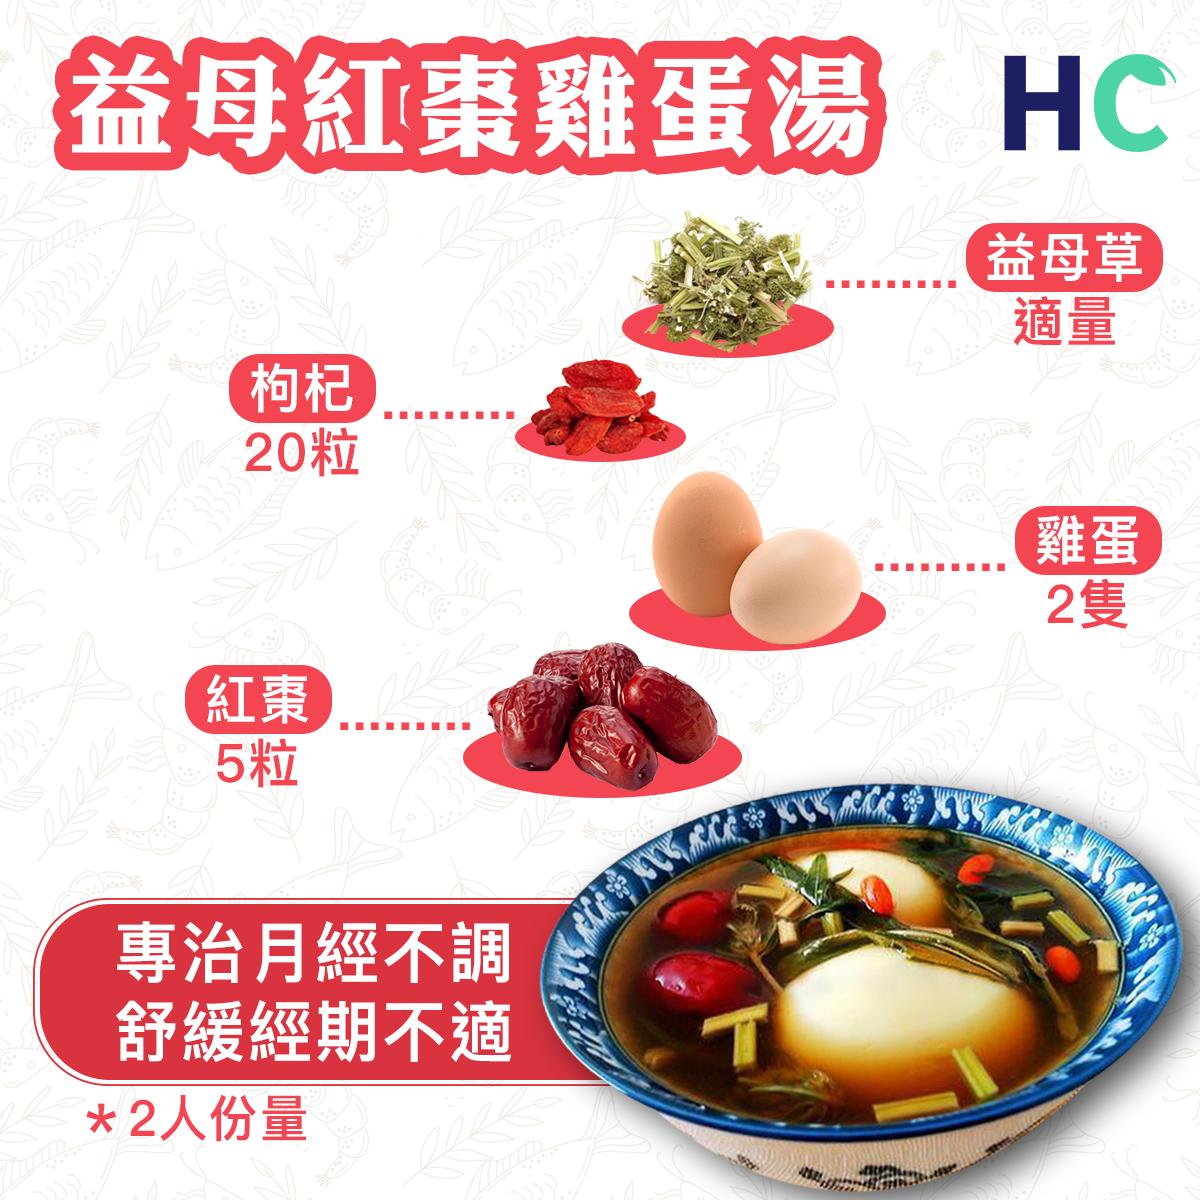 【#營養食品】舒緩經期不適! 益母紅棗雞蛋湯